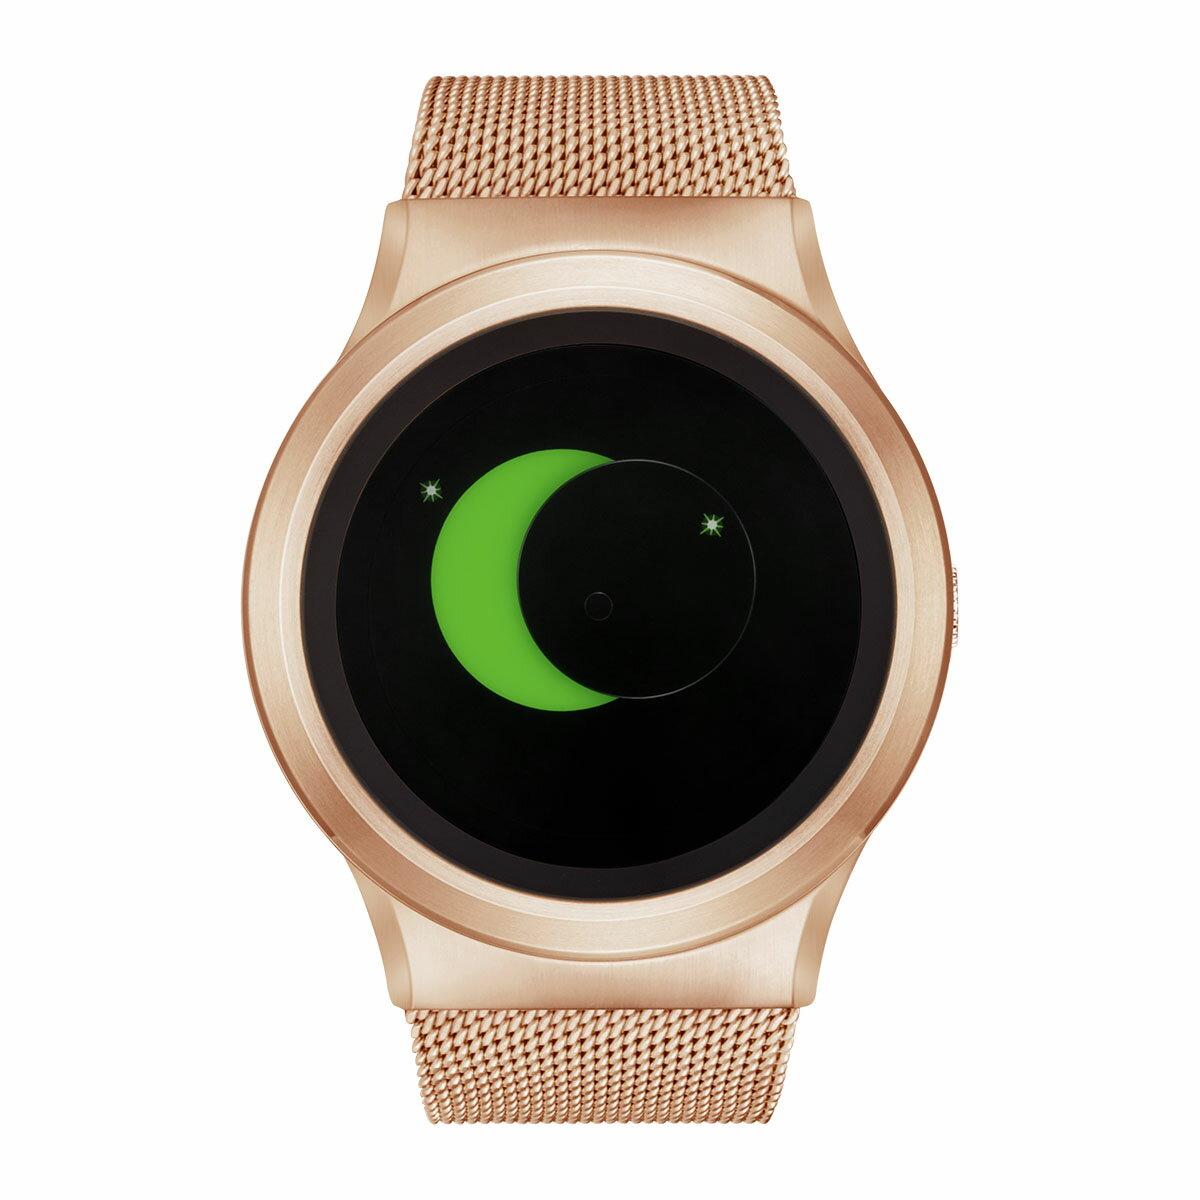 ZEROO SUPER MOON ゼロ 電池式クォーツ 腕時計 [W02008B05SM05] グリーン デザインウォッチ ペア用 メンズ レディース ユニセックス おしゃれ時計 デザイナーズ